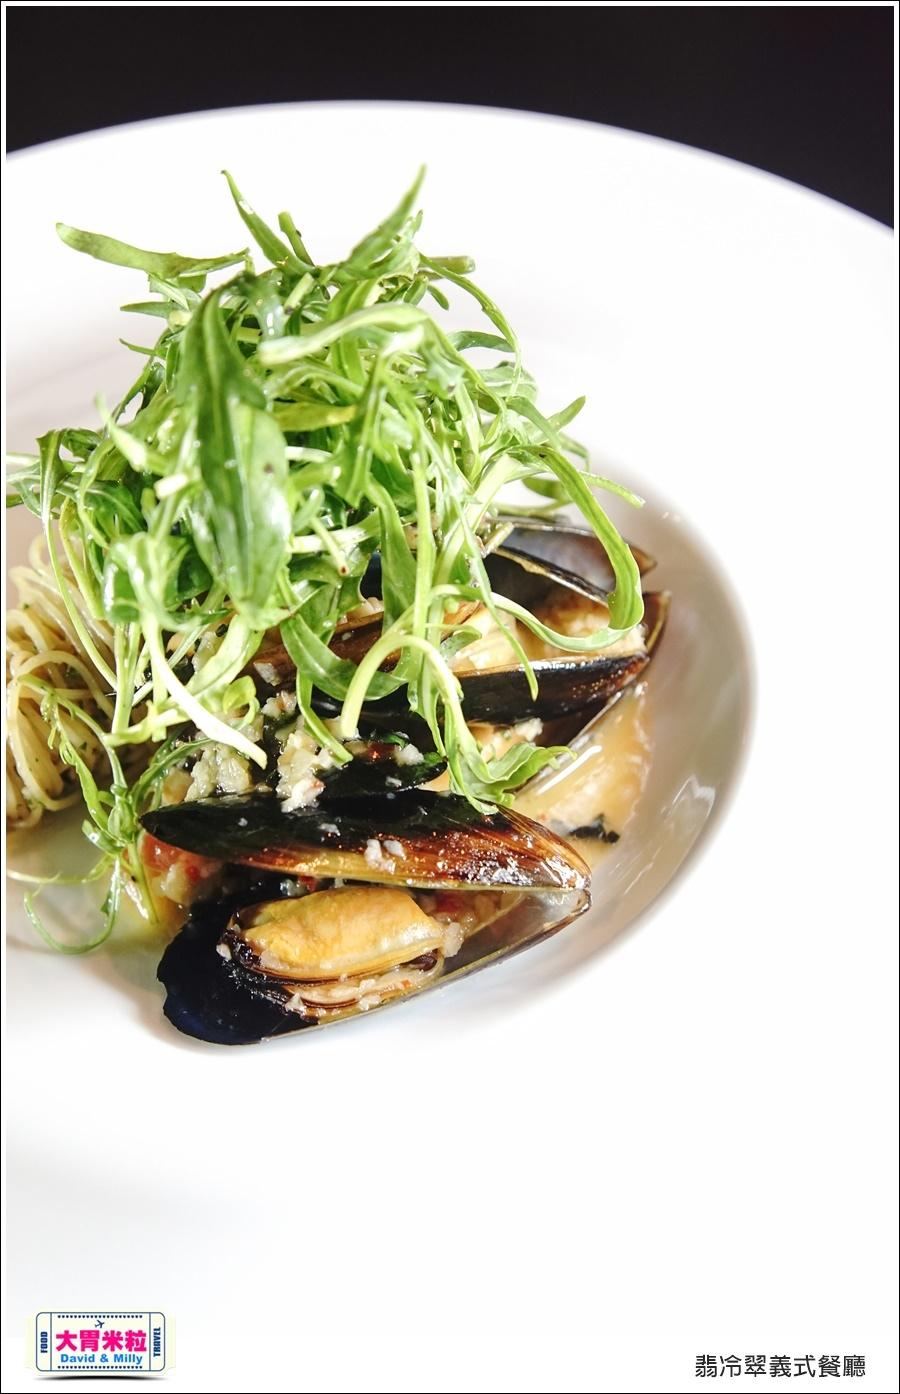 台北義式餐廳推薦@TUTTO Fresco 翡冷翠義式餐廳@大胃米粒0029.jpg